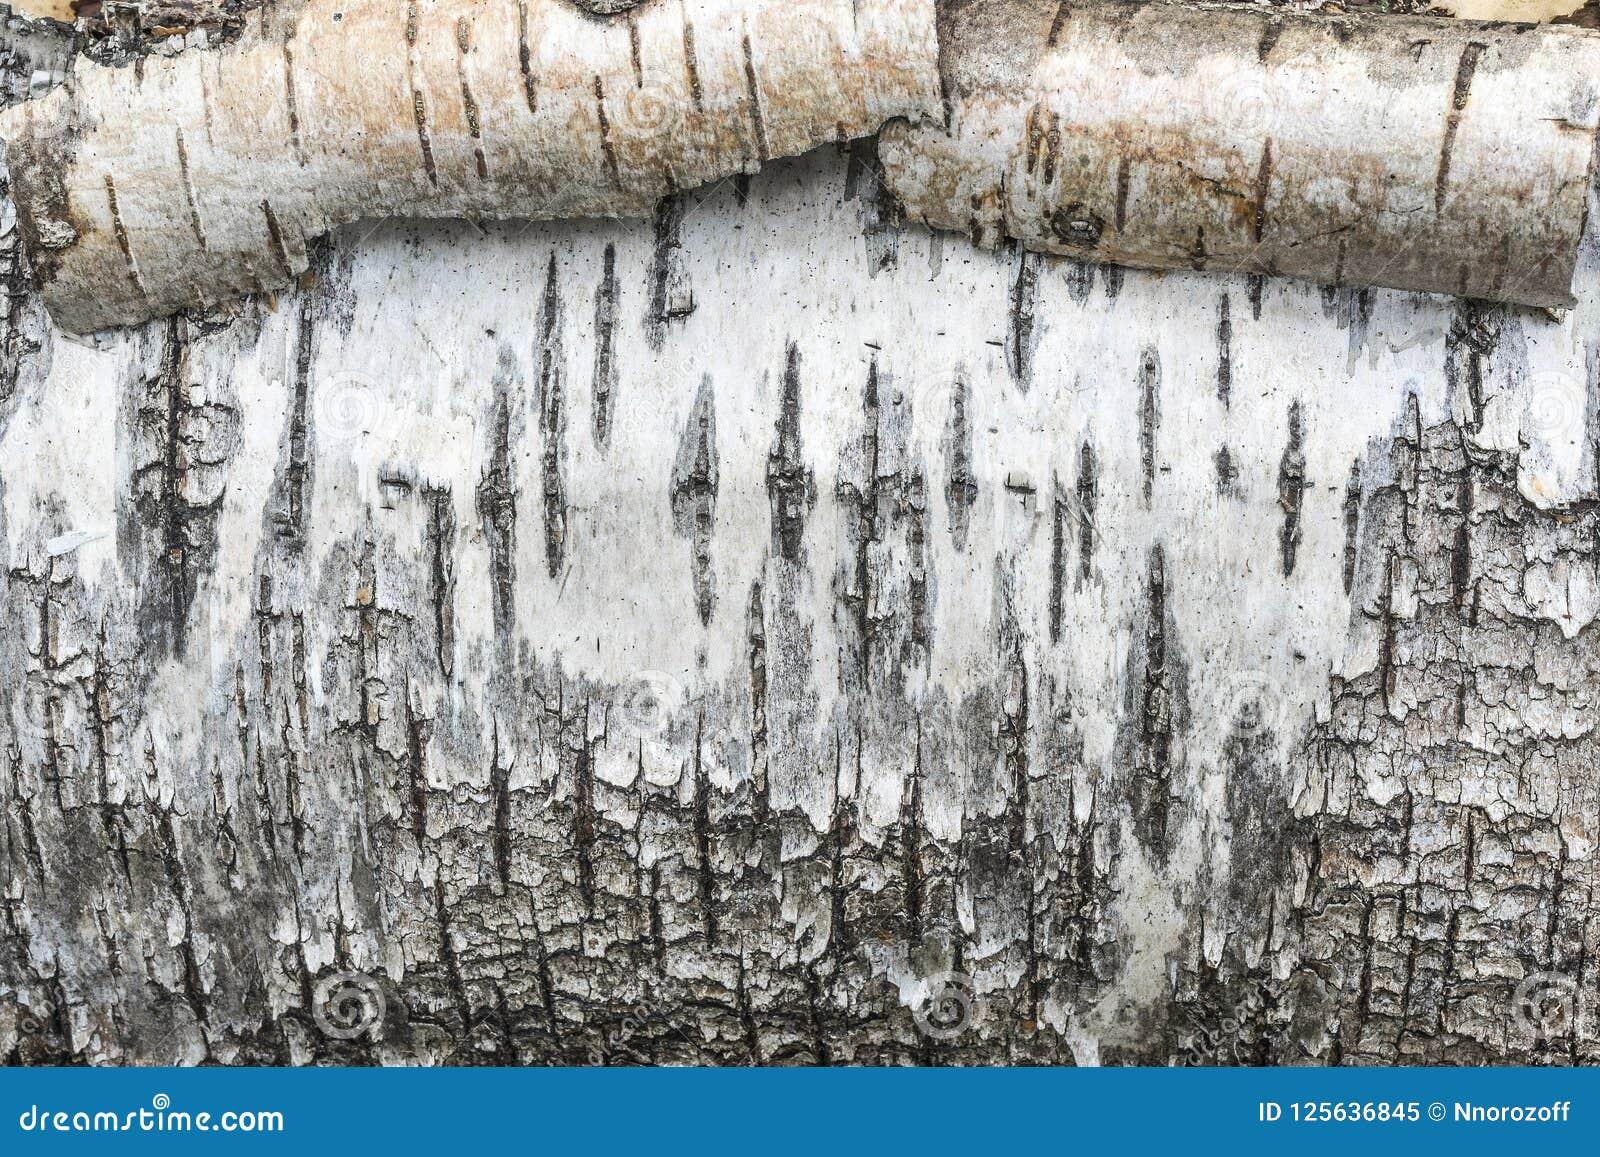 粗砺的纹理白桦树皮,滚动白色树皮,抽象背景